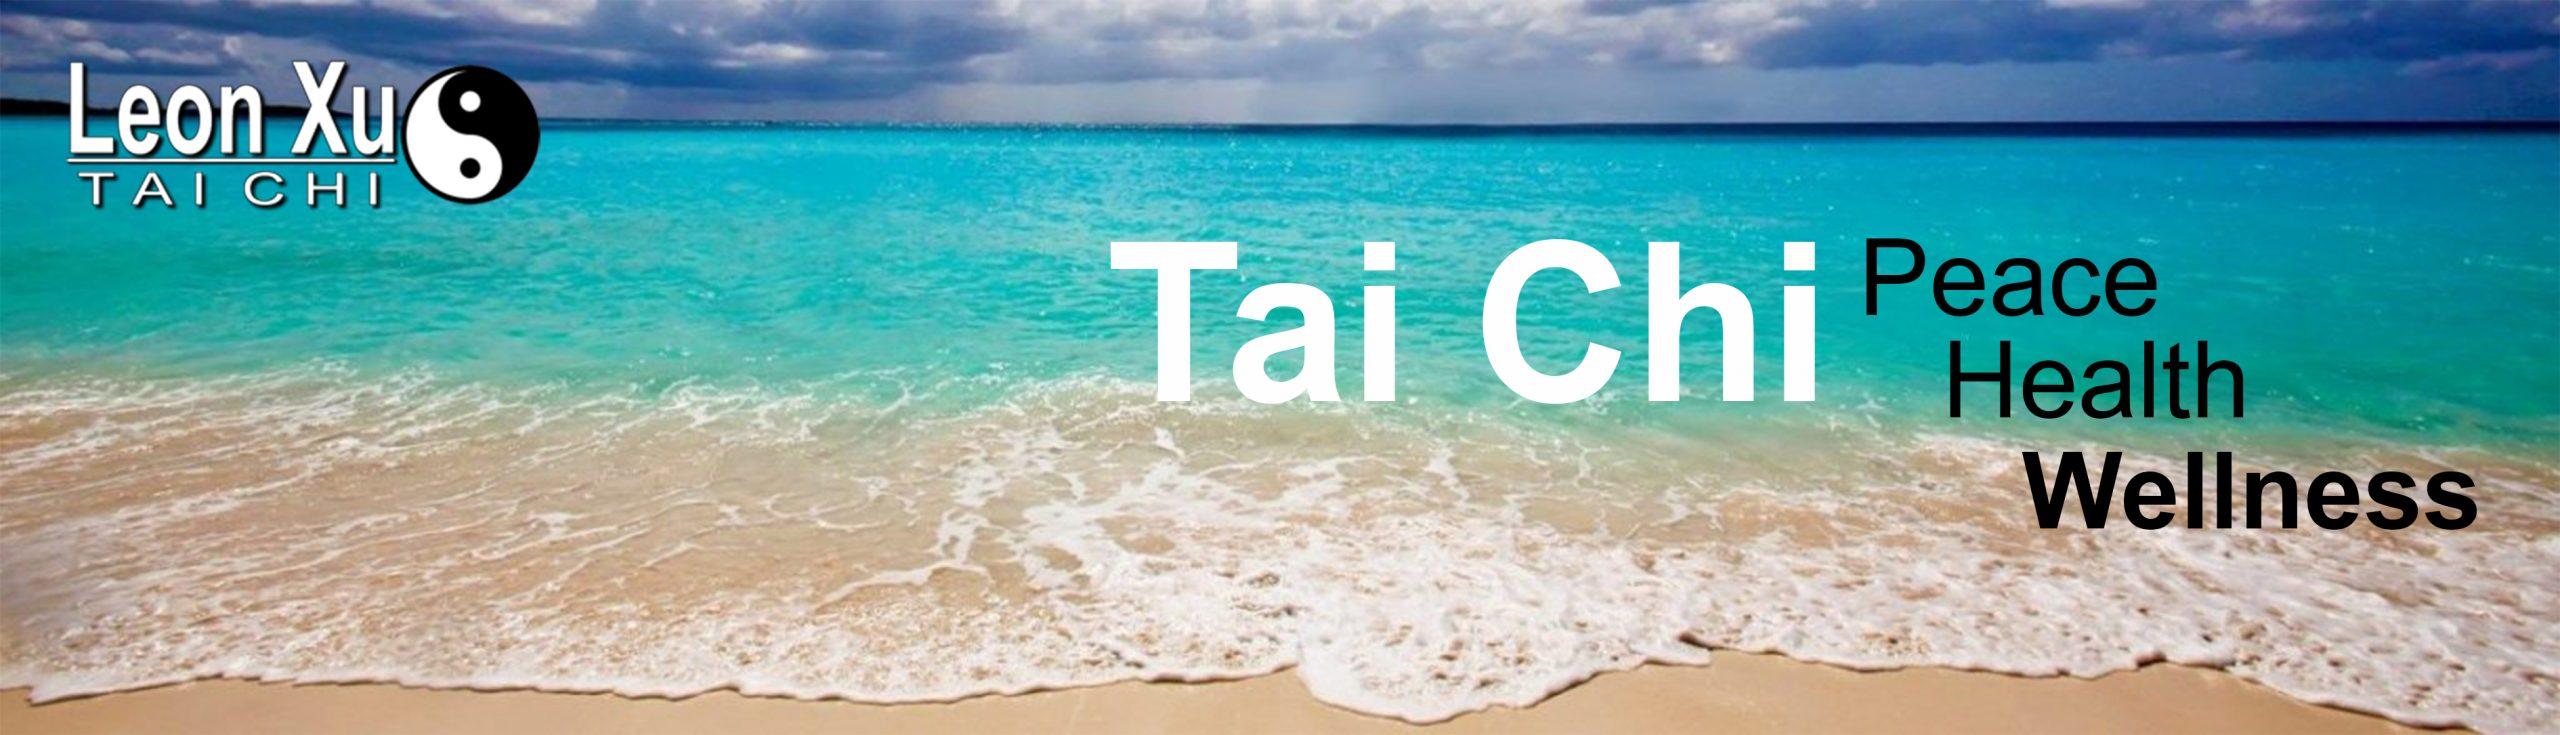 Online Tai Chi Practice